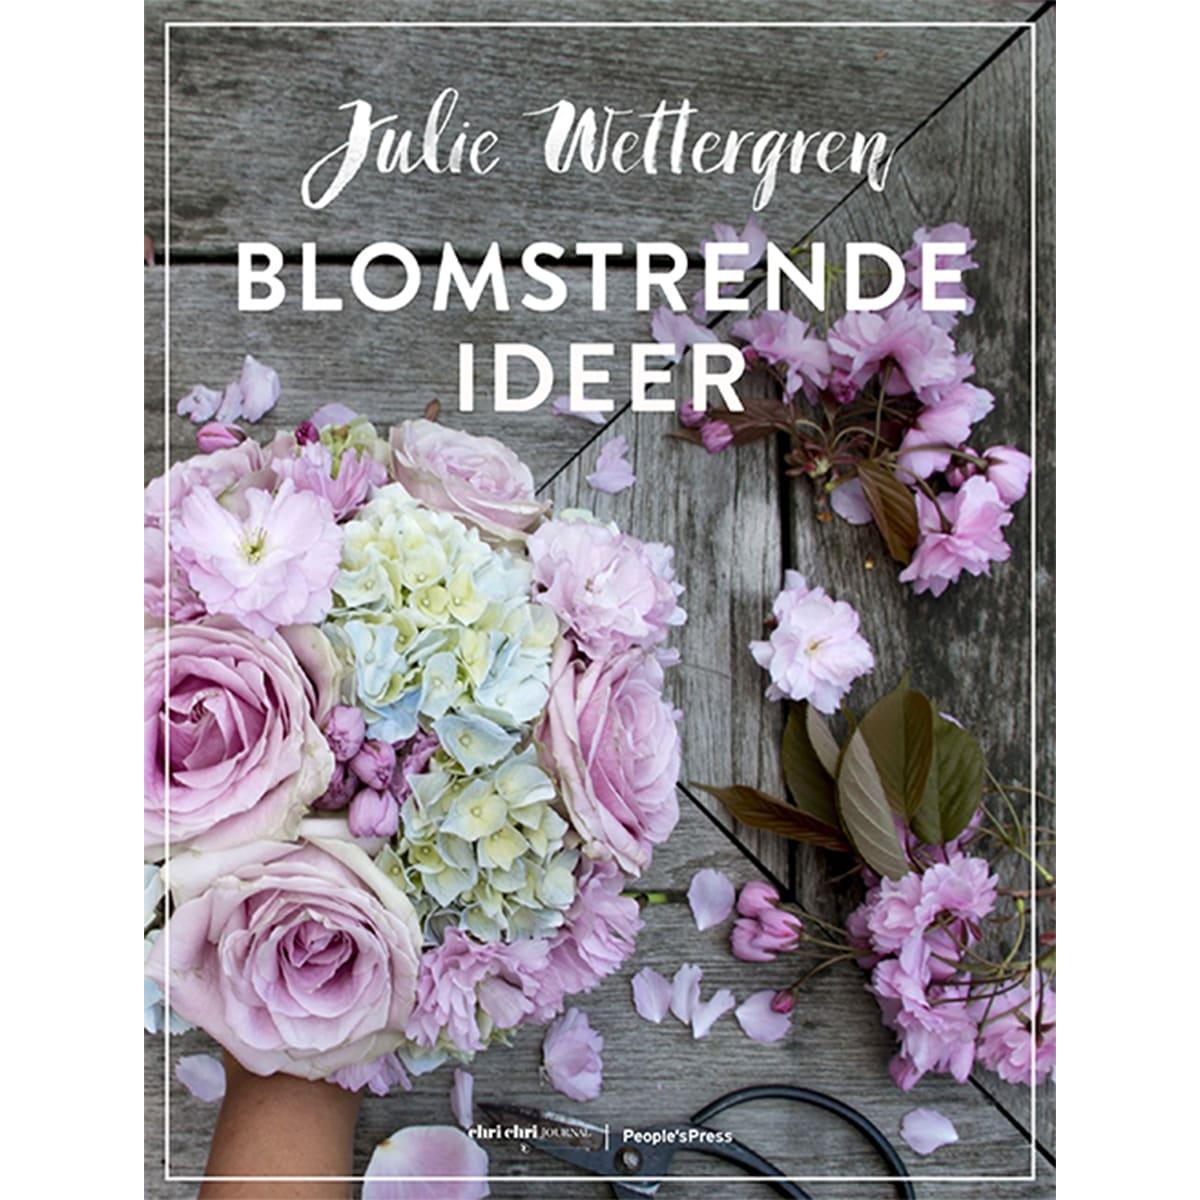 Af Julie Wettergren